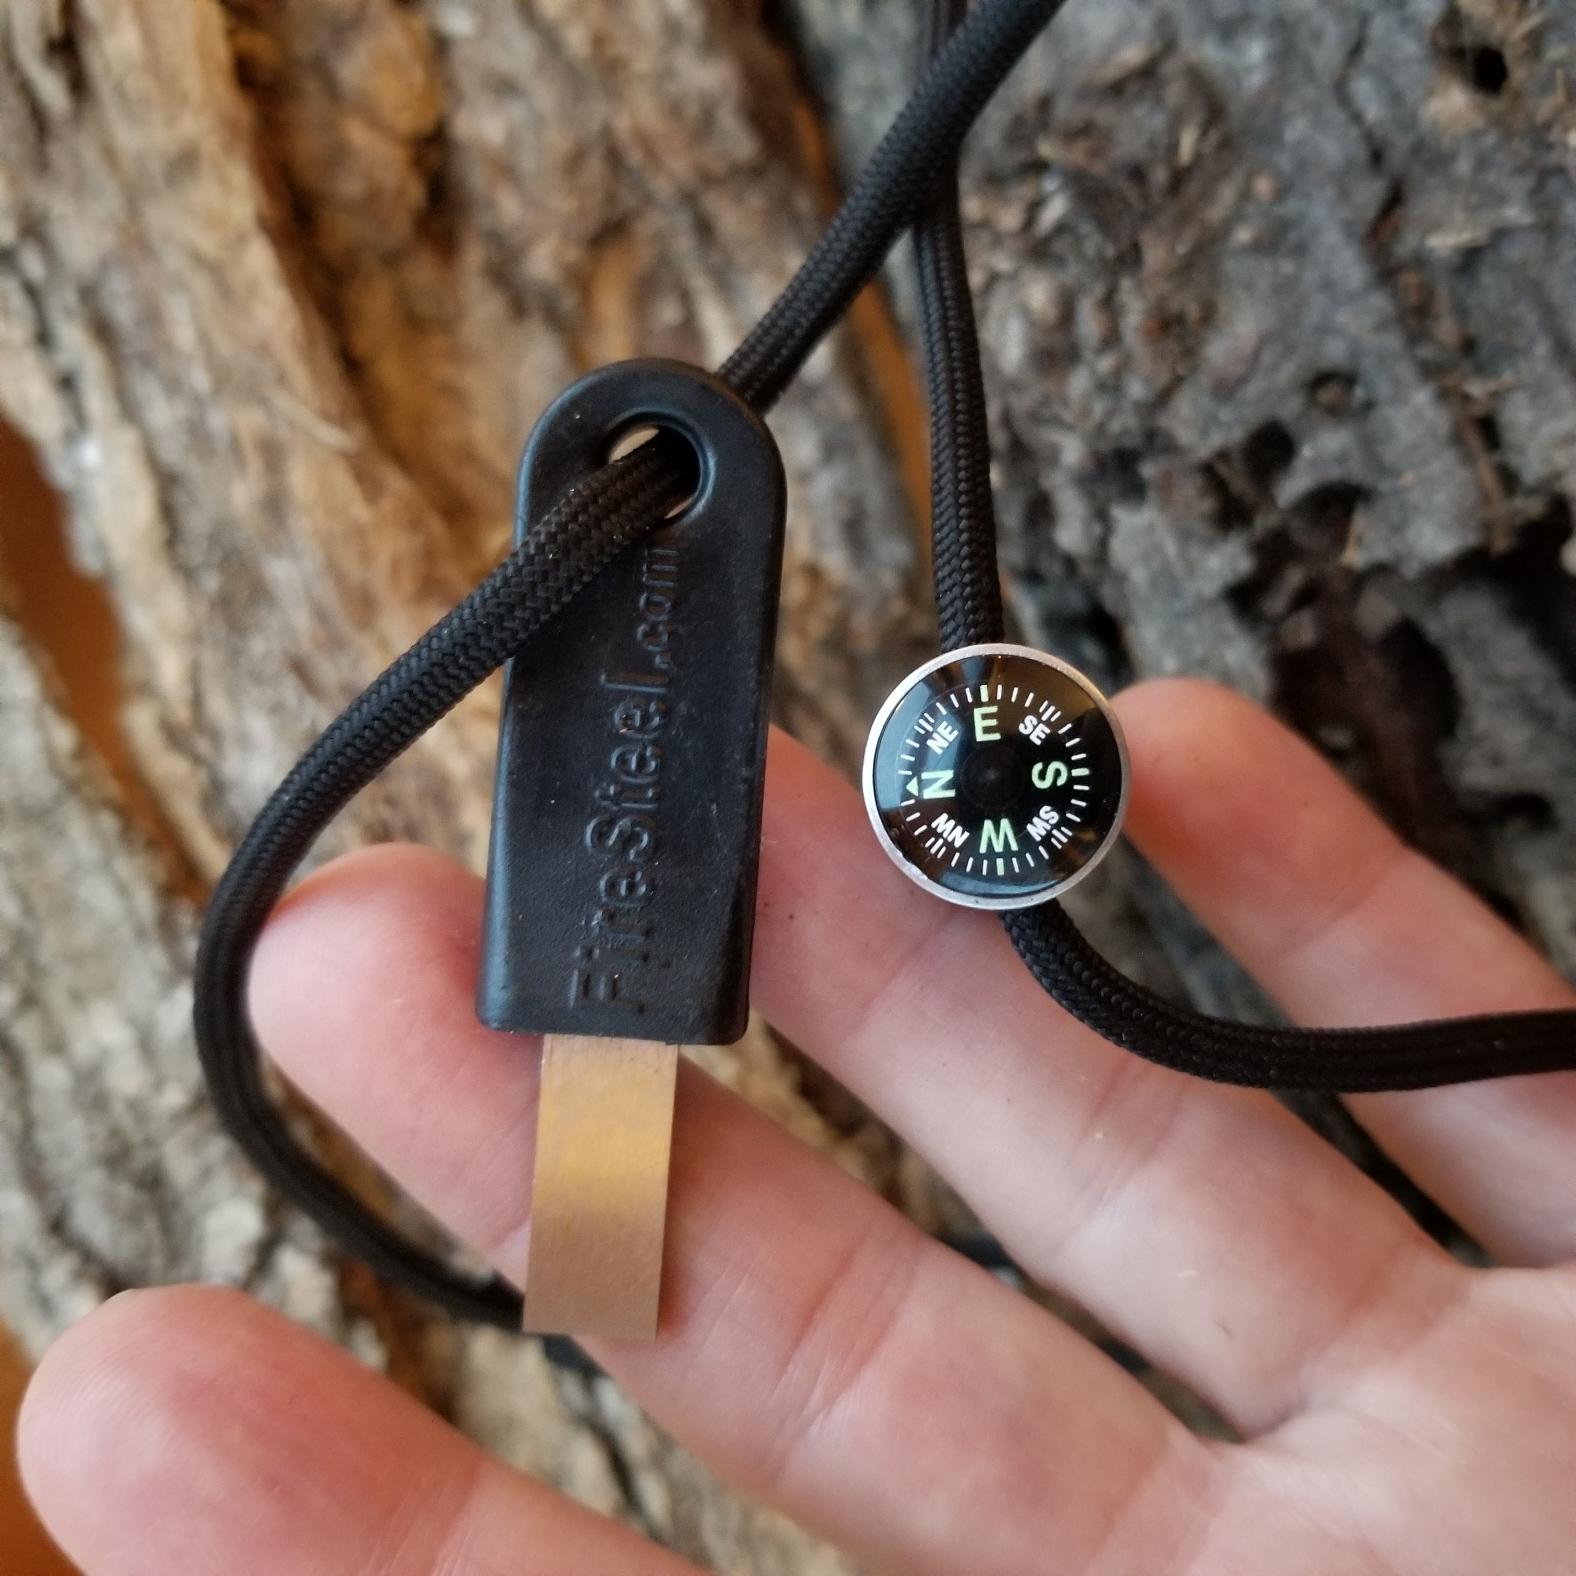 ranger-deluxe-compass-hand.jpg